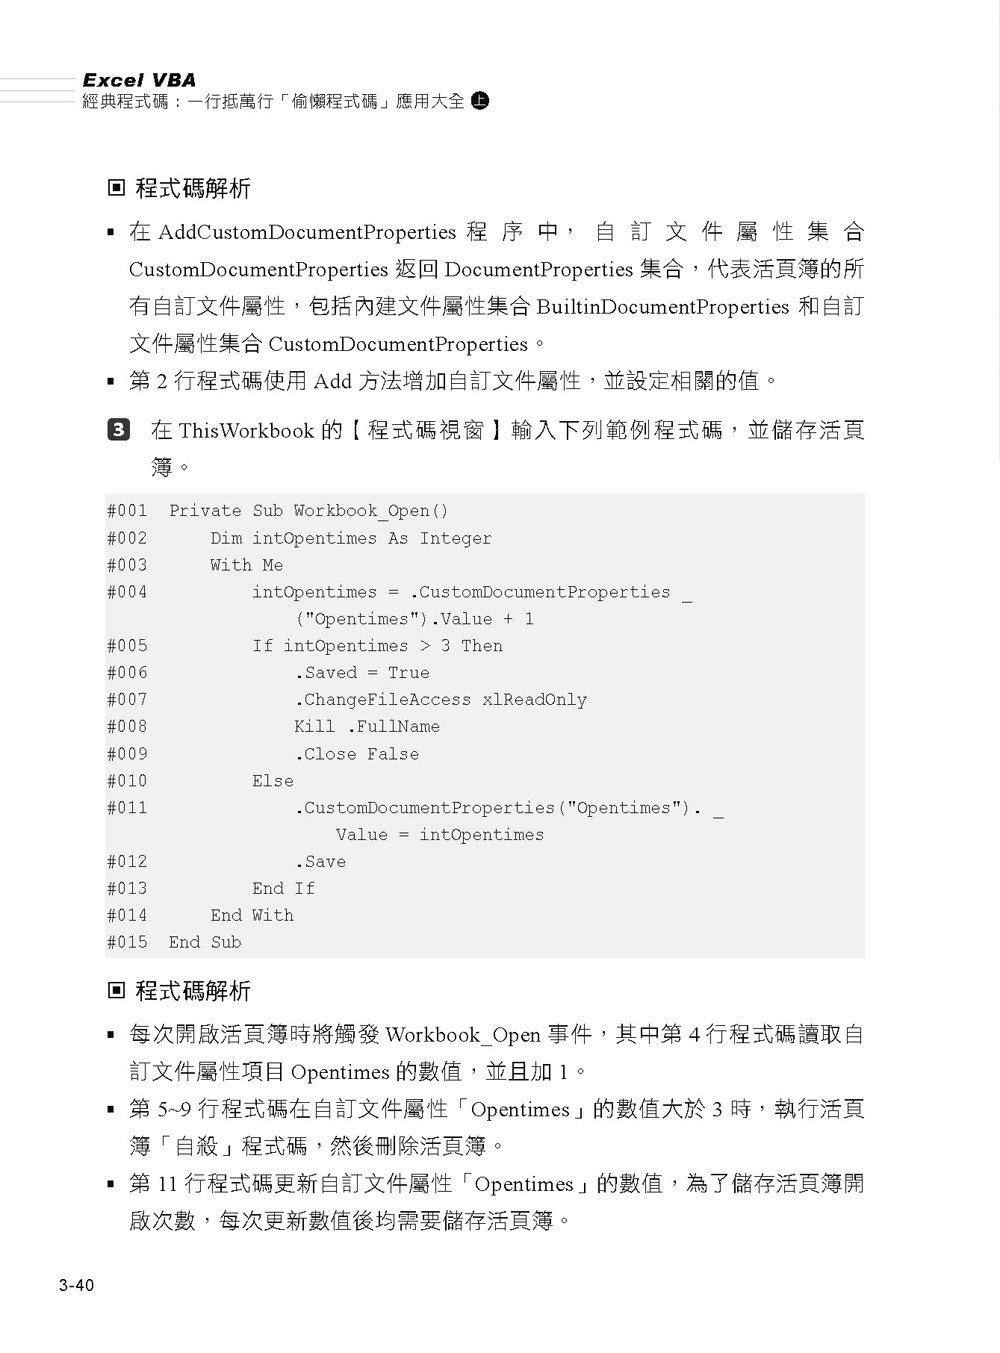 Excel VBA 經典程式碼:一行抵萬行「偷懶程式碼」應用大全 (上)-preview-8